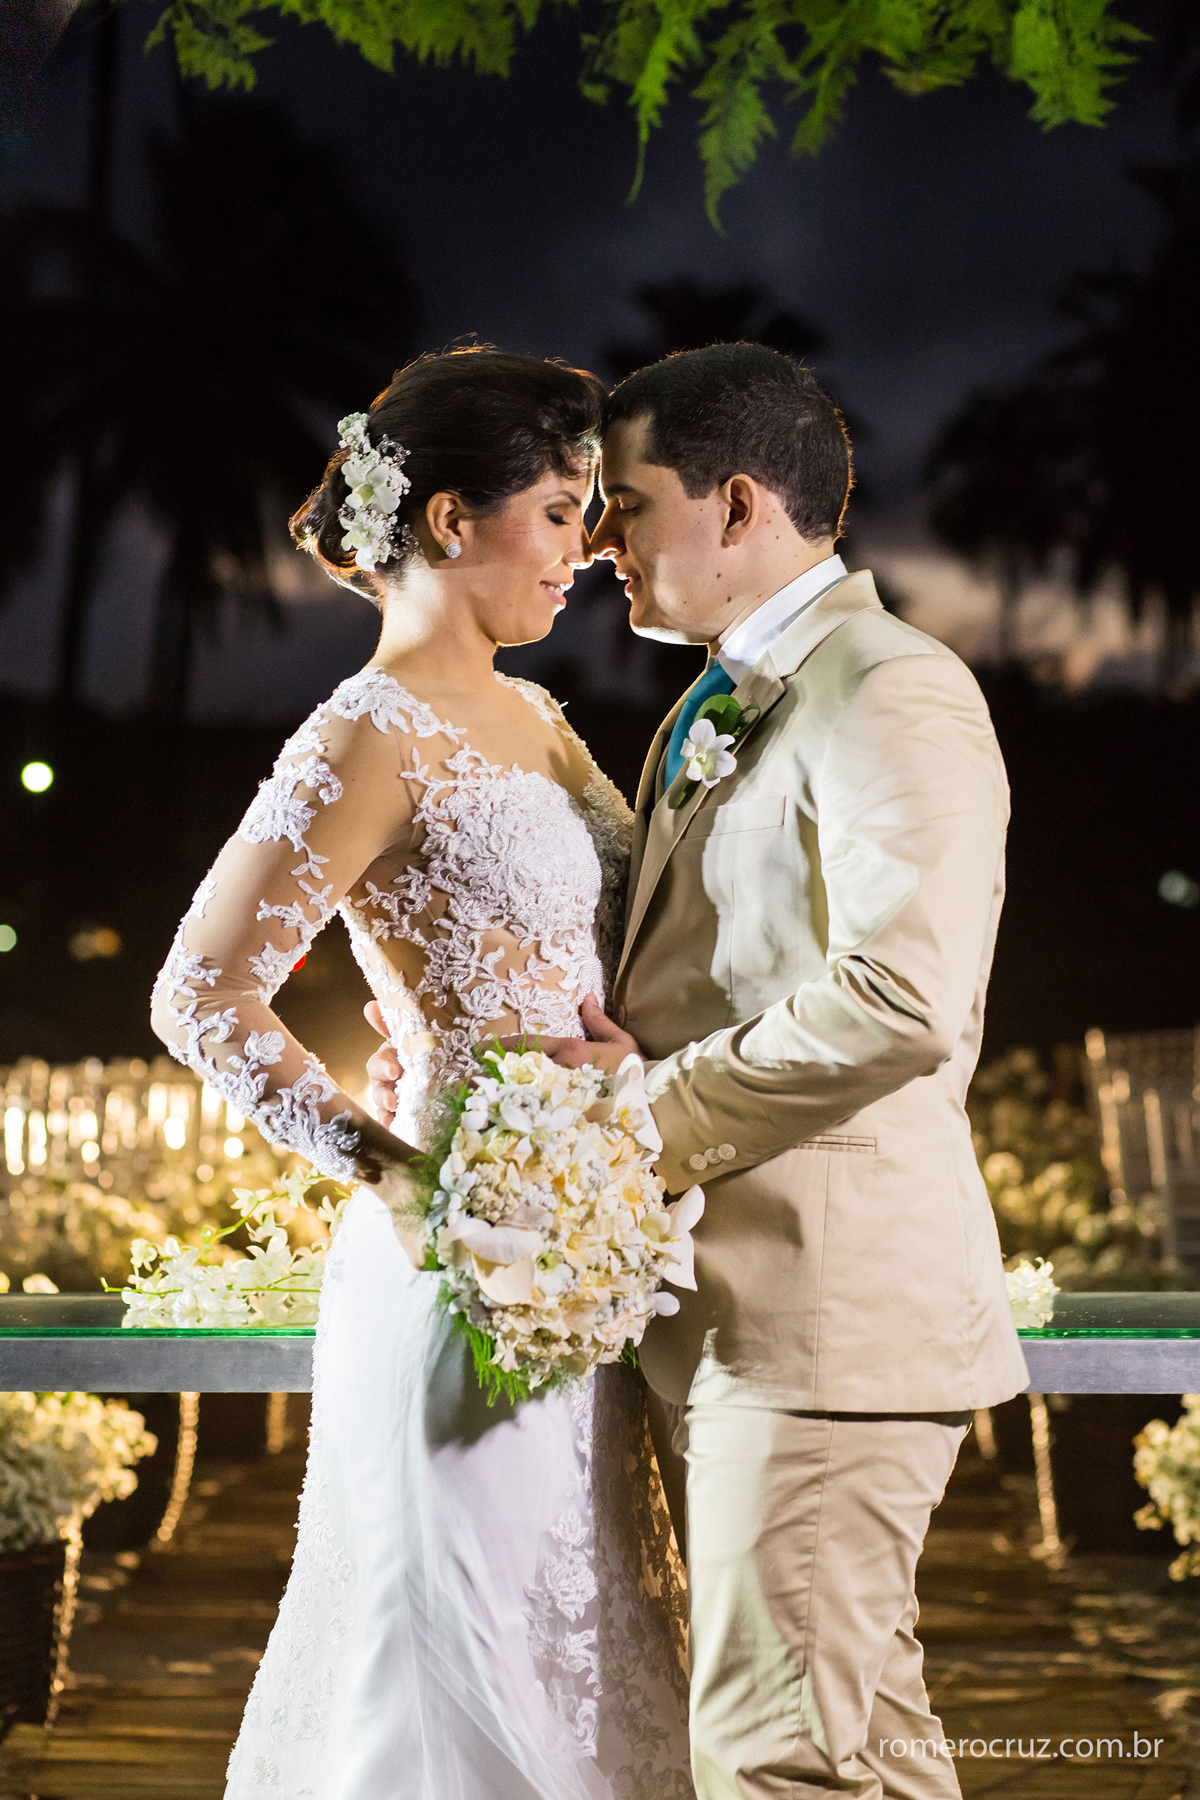 Casamento de Marianne e Alysson realizado na Praia do Paiva-PE pela lente do fotógrafo Romero Cruz